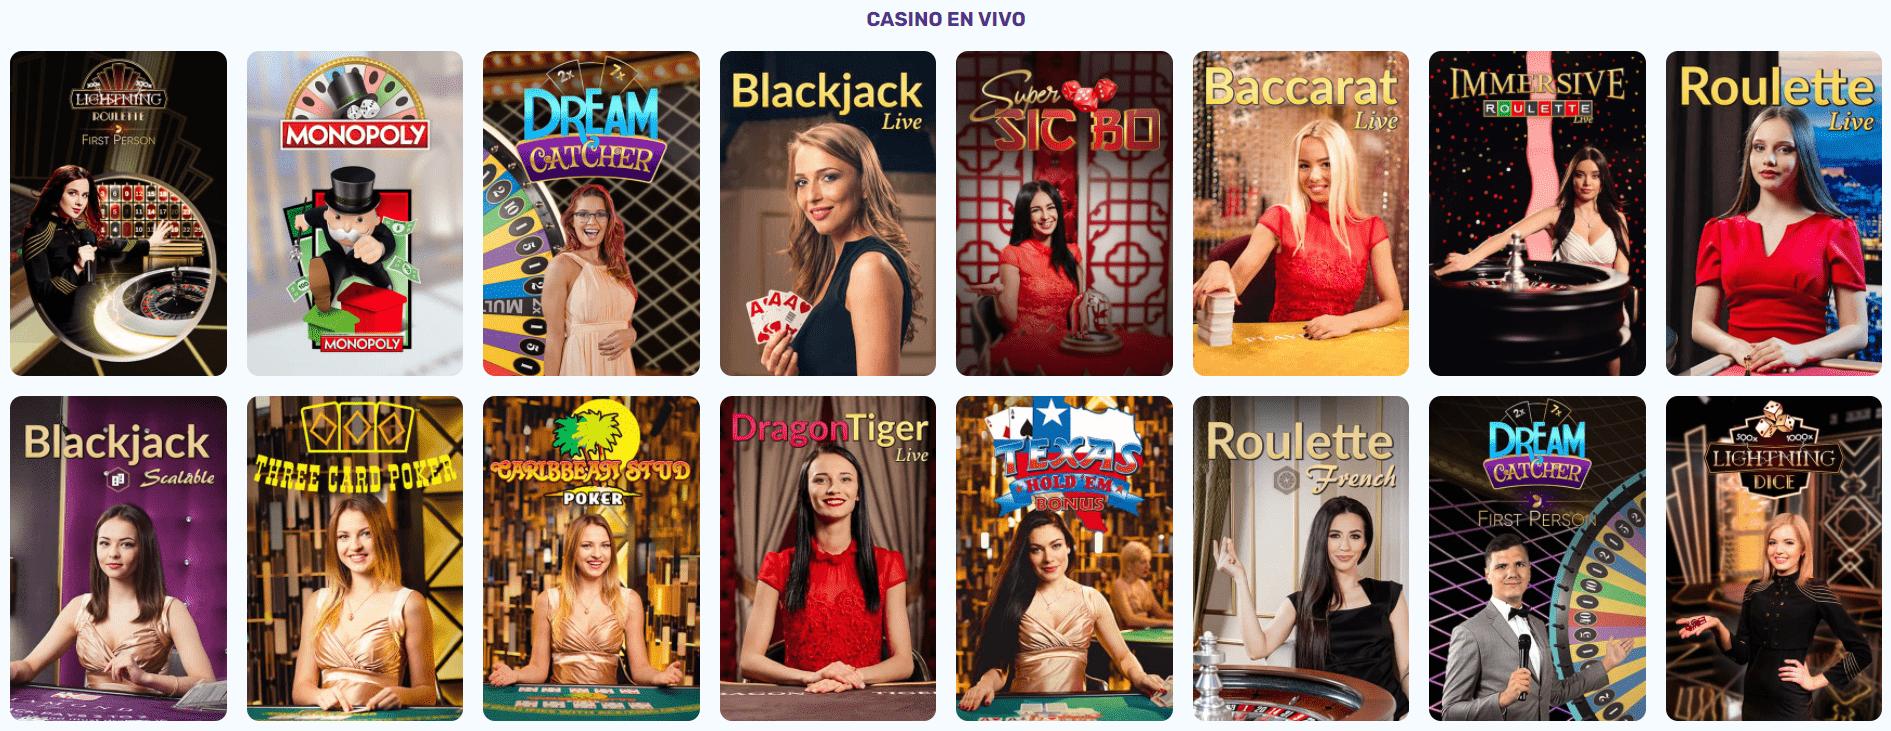 Casino en vivo de slots palace casino